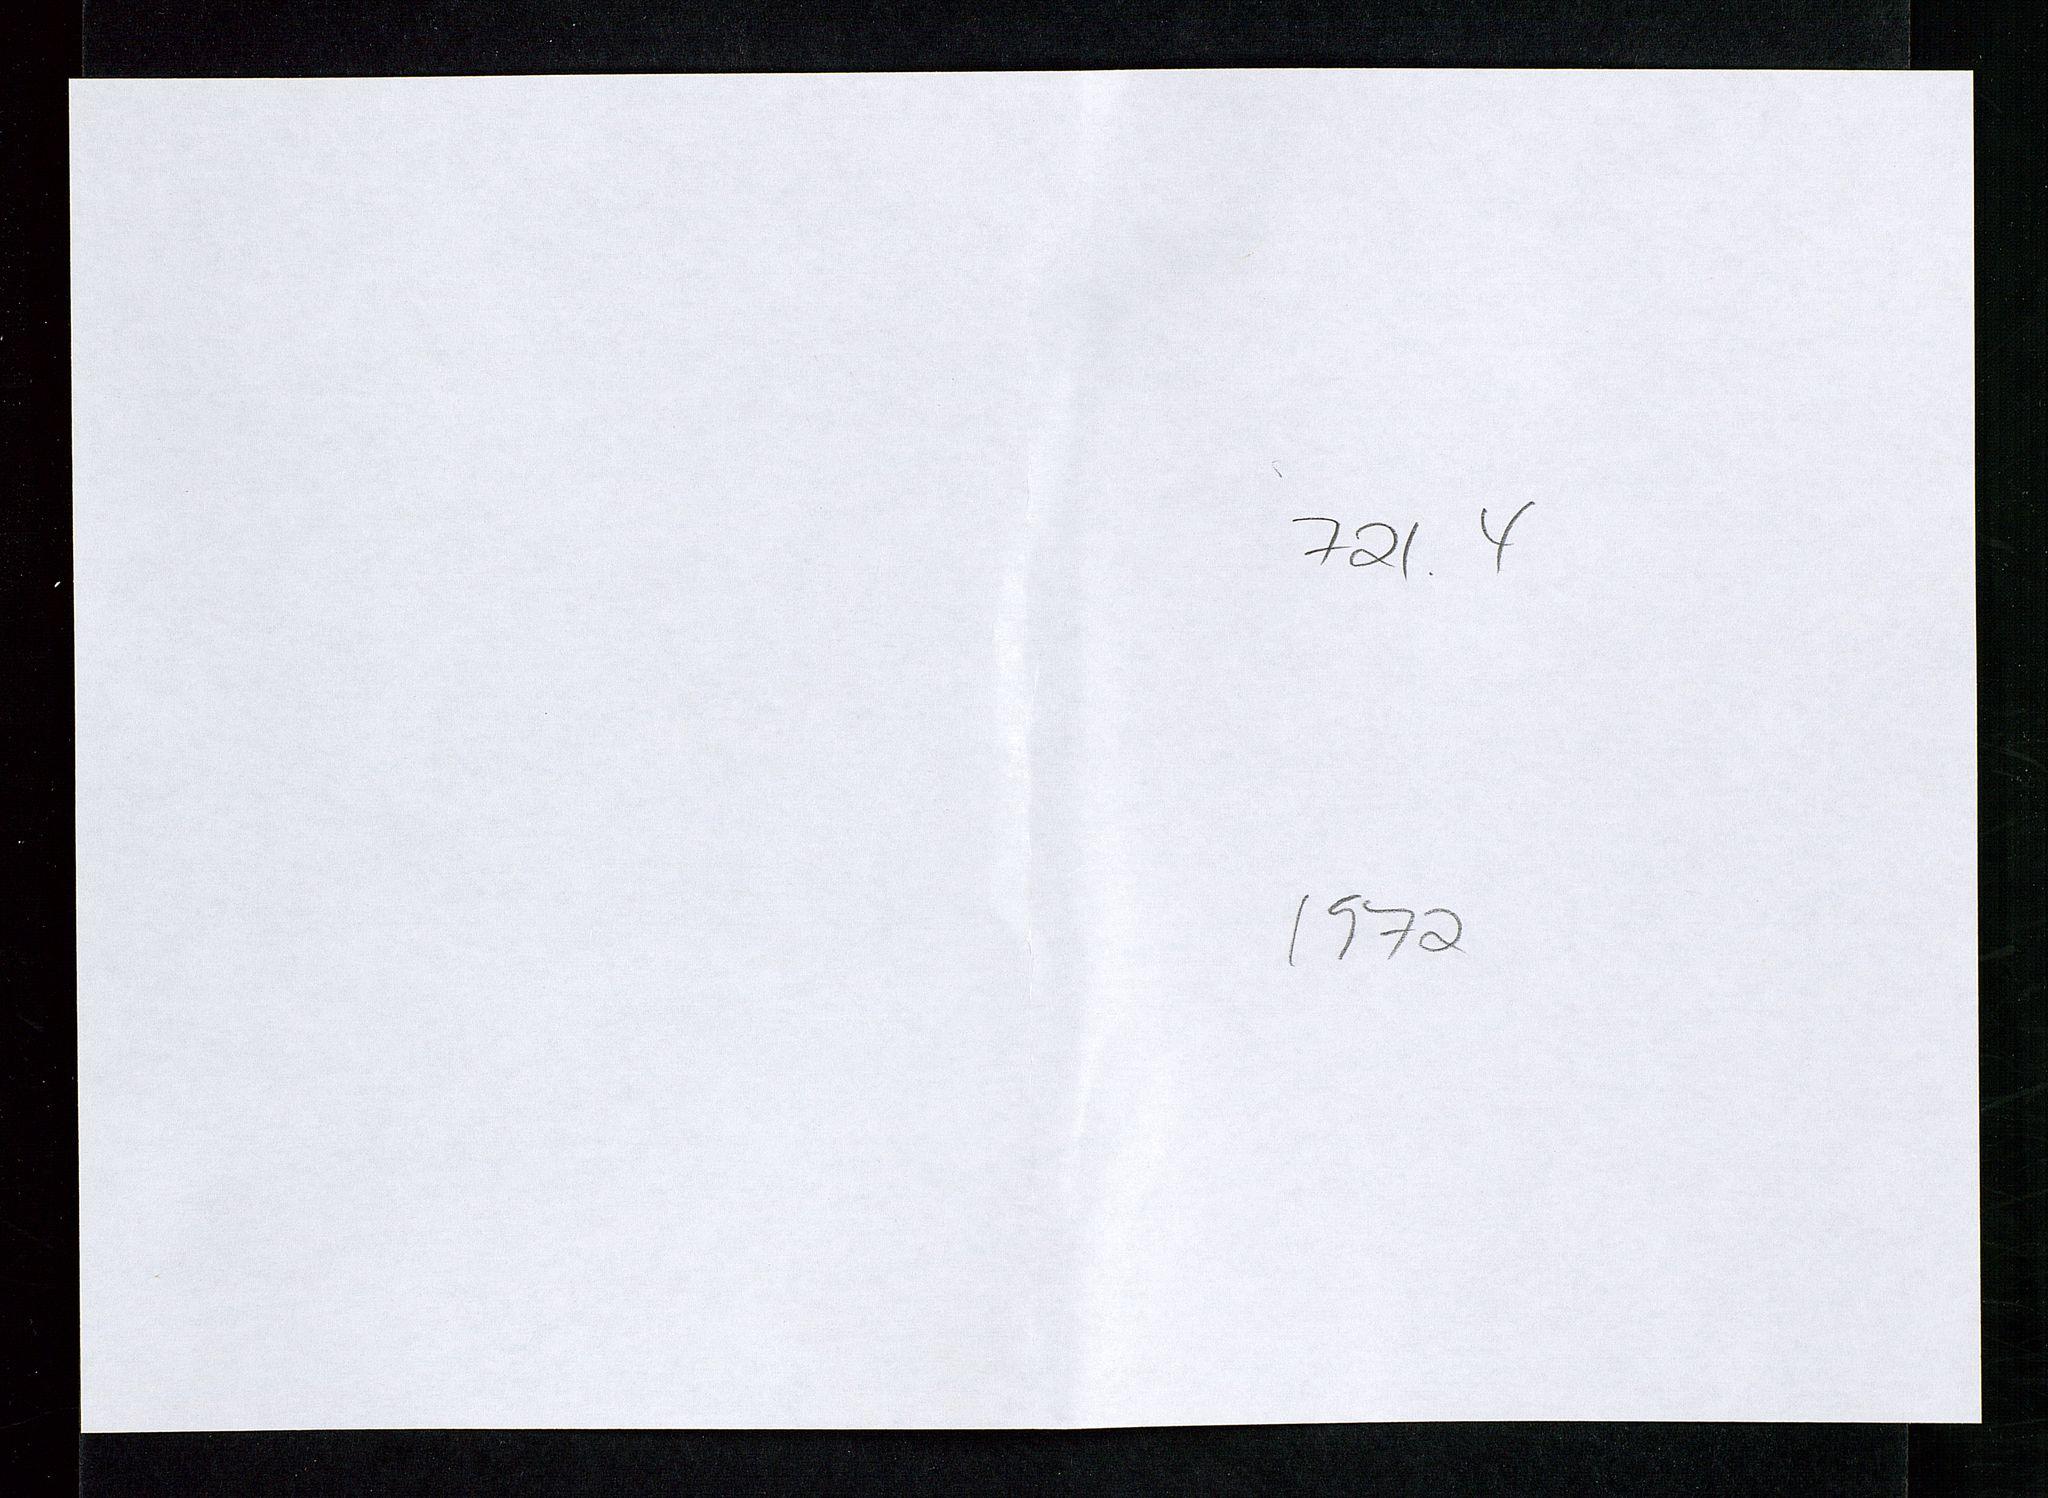 SAST, Industridepartementet, Oljekontoret, Da/L0008:  Arkivnøkkel 721- 722 Geofysikk, forskning, 1970-1972, s. 178